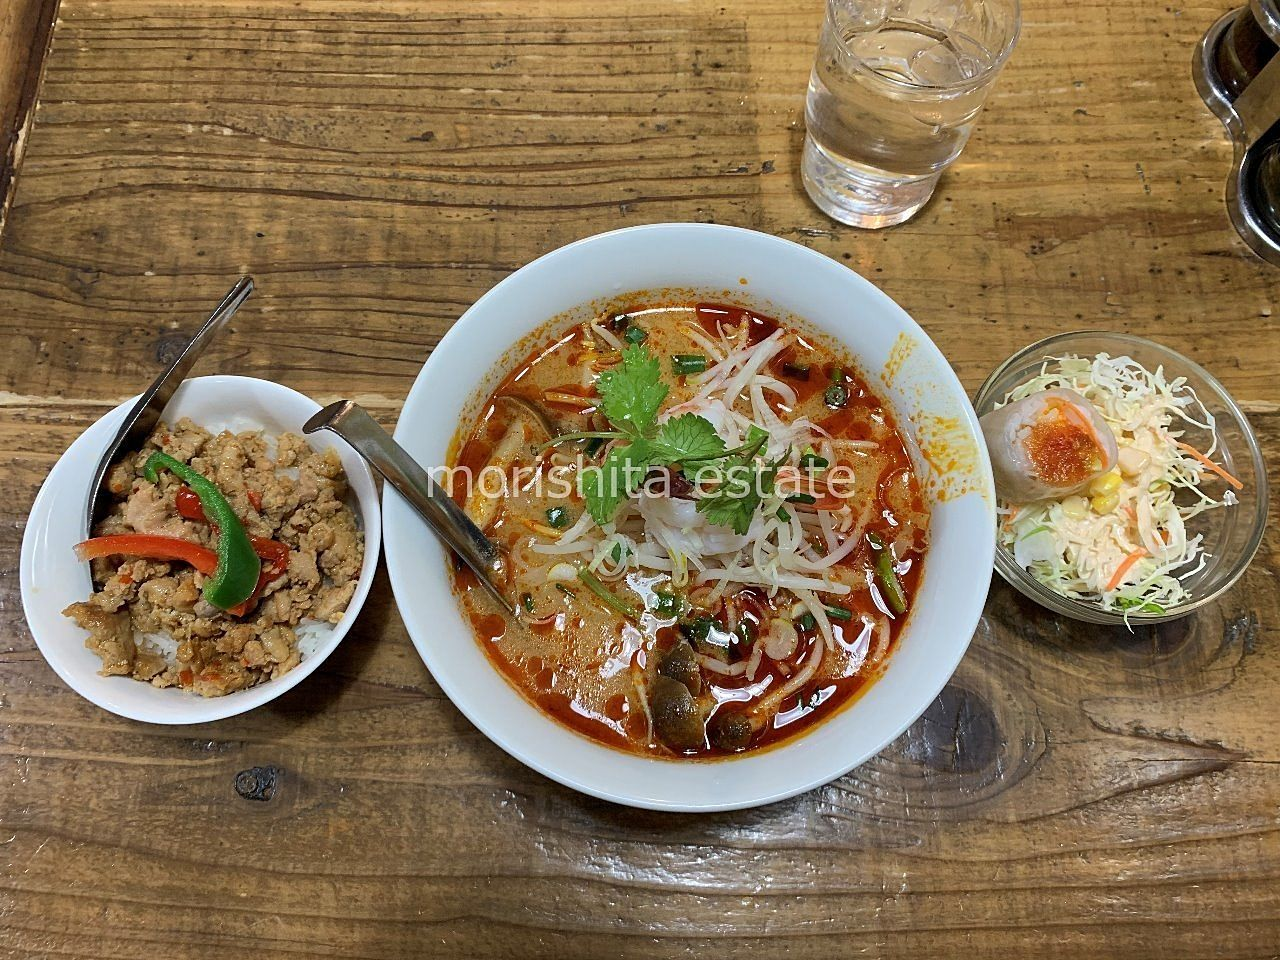 不動産 売買仲介セミナー 緊急事態宣言 コロナ タイ料理